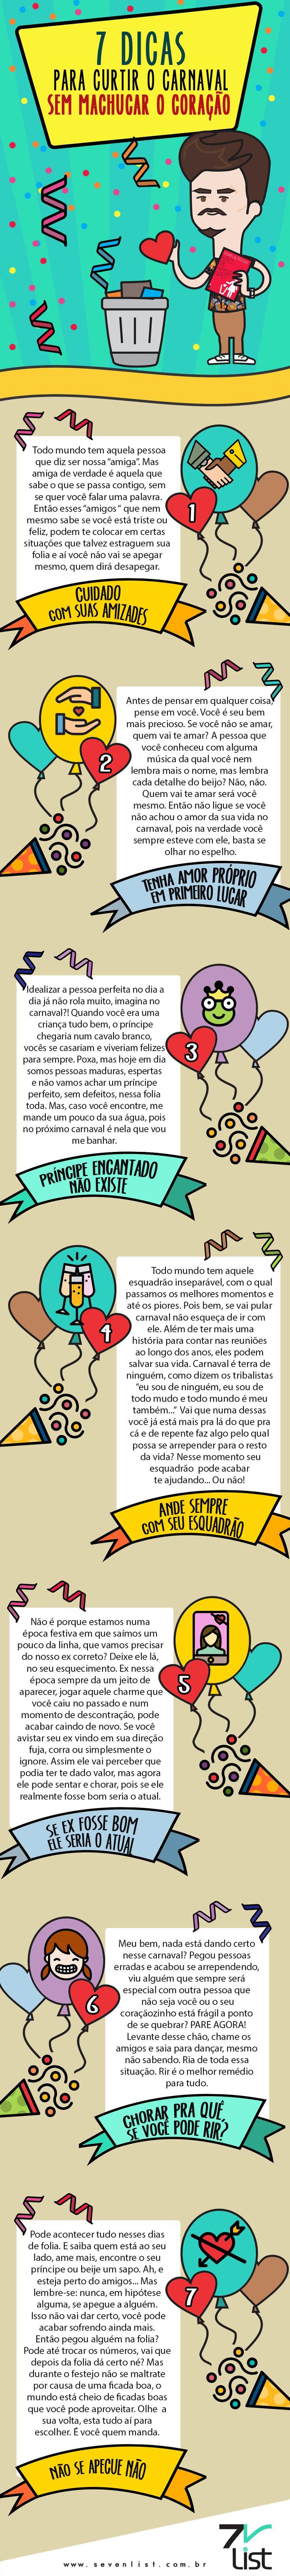 Últimos dias de folia e você ainda quer curtir o carnaval ao máximo? Tome muito cuidado, fizemos uma lista especial para esse momento: 7 dicas para curtir o carnaval sem machucar seu coração. #SevenList #Infográfico #Infographic #Illustration #Ilustração #Design #Carnaval #Carnavalacabou #Folia #Coração #Paixonite #Amordecarnaval #Auidado #Amizadecolorida #Amizade #Príncipe #Sabado #Ex #Atual #Chorar #Rir #Pegarenãoseapegar #IsabelaFreitas